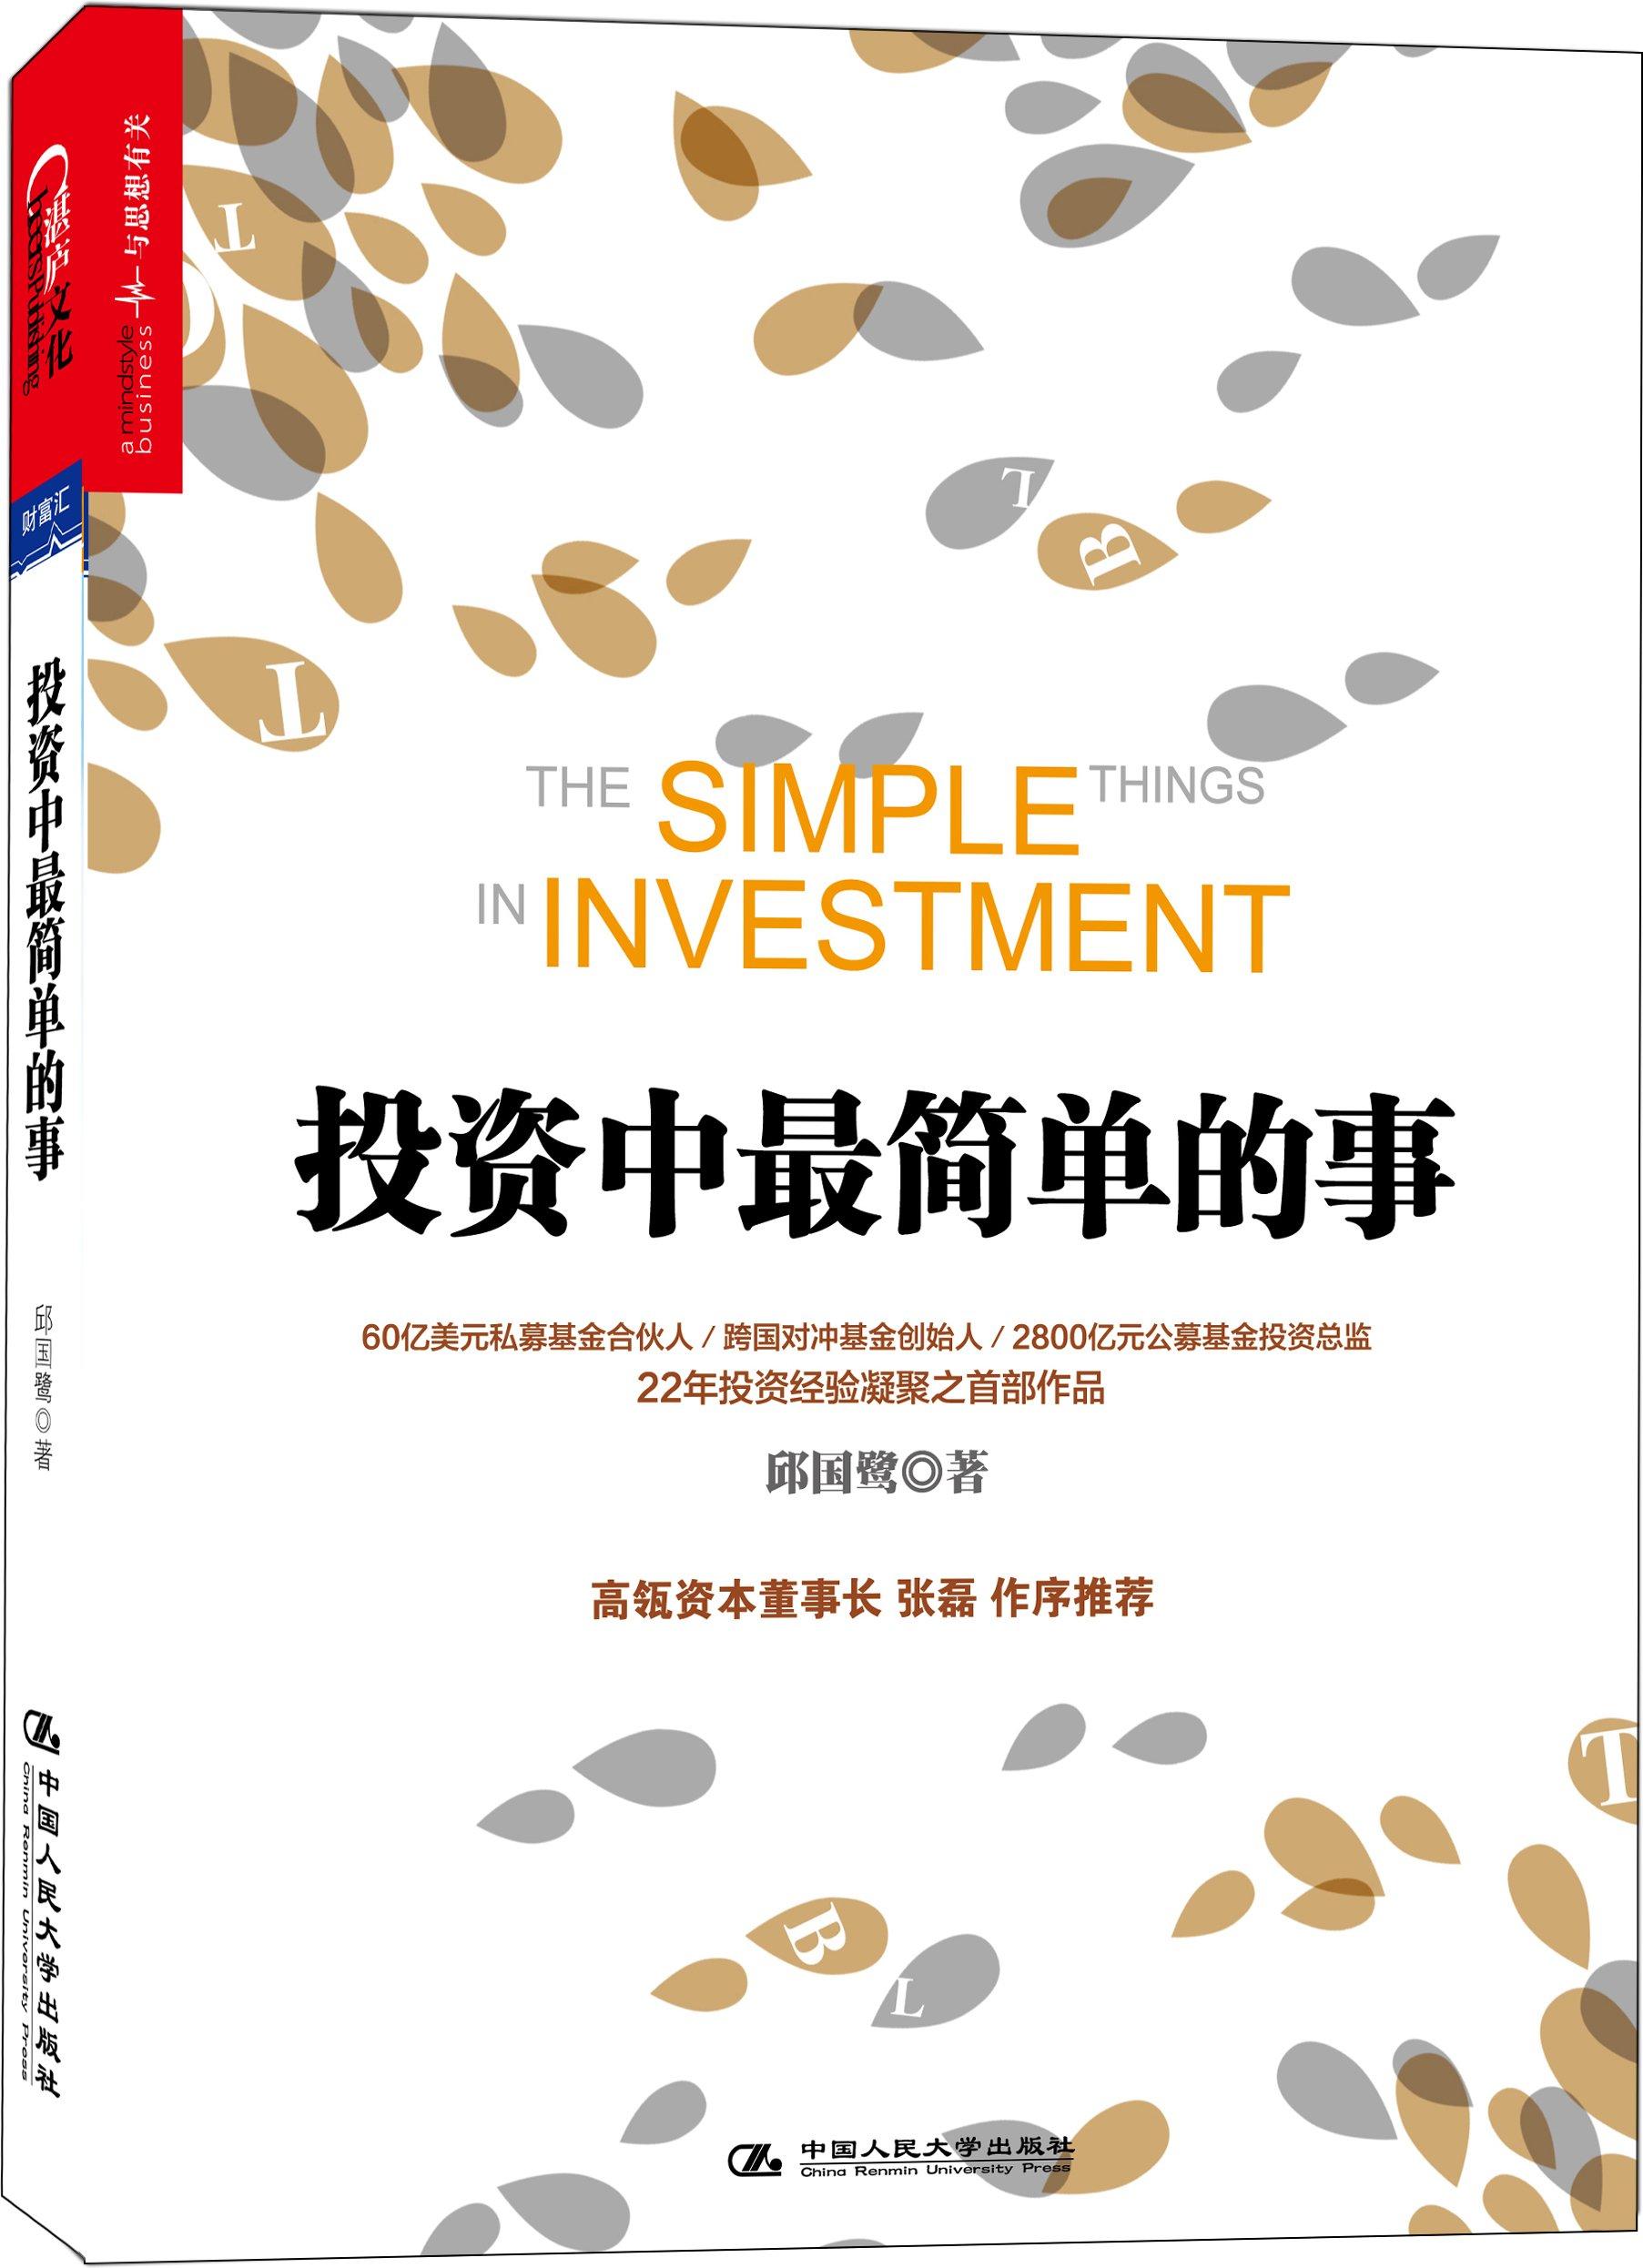 """正版包邮!投资中最简单的事 邱国鹭 一部去繁就简,阐明""""投资中最简单的事""""的诚意之作"""